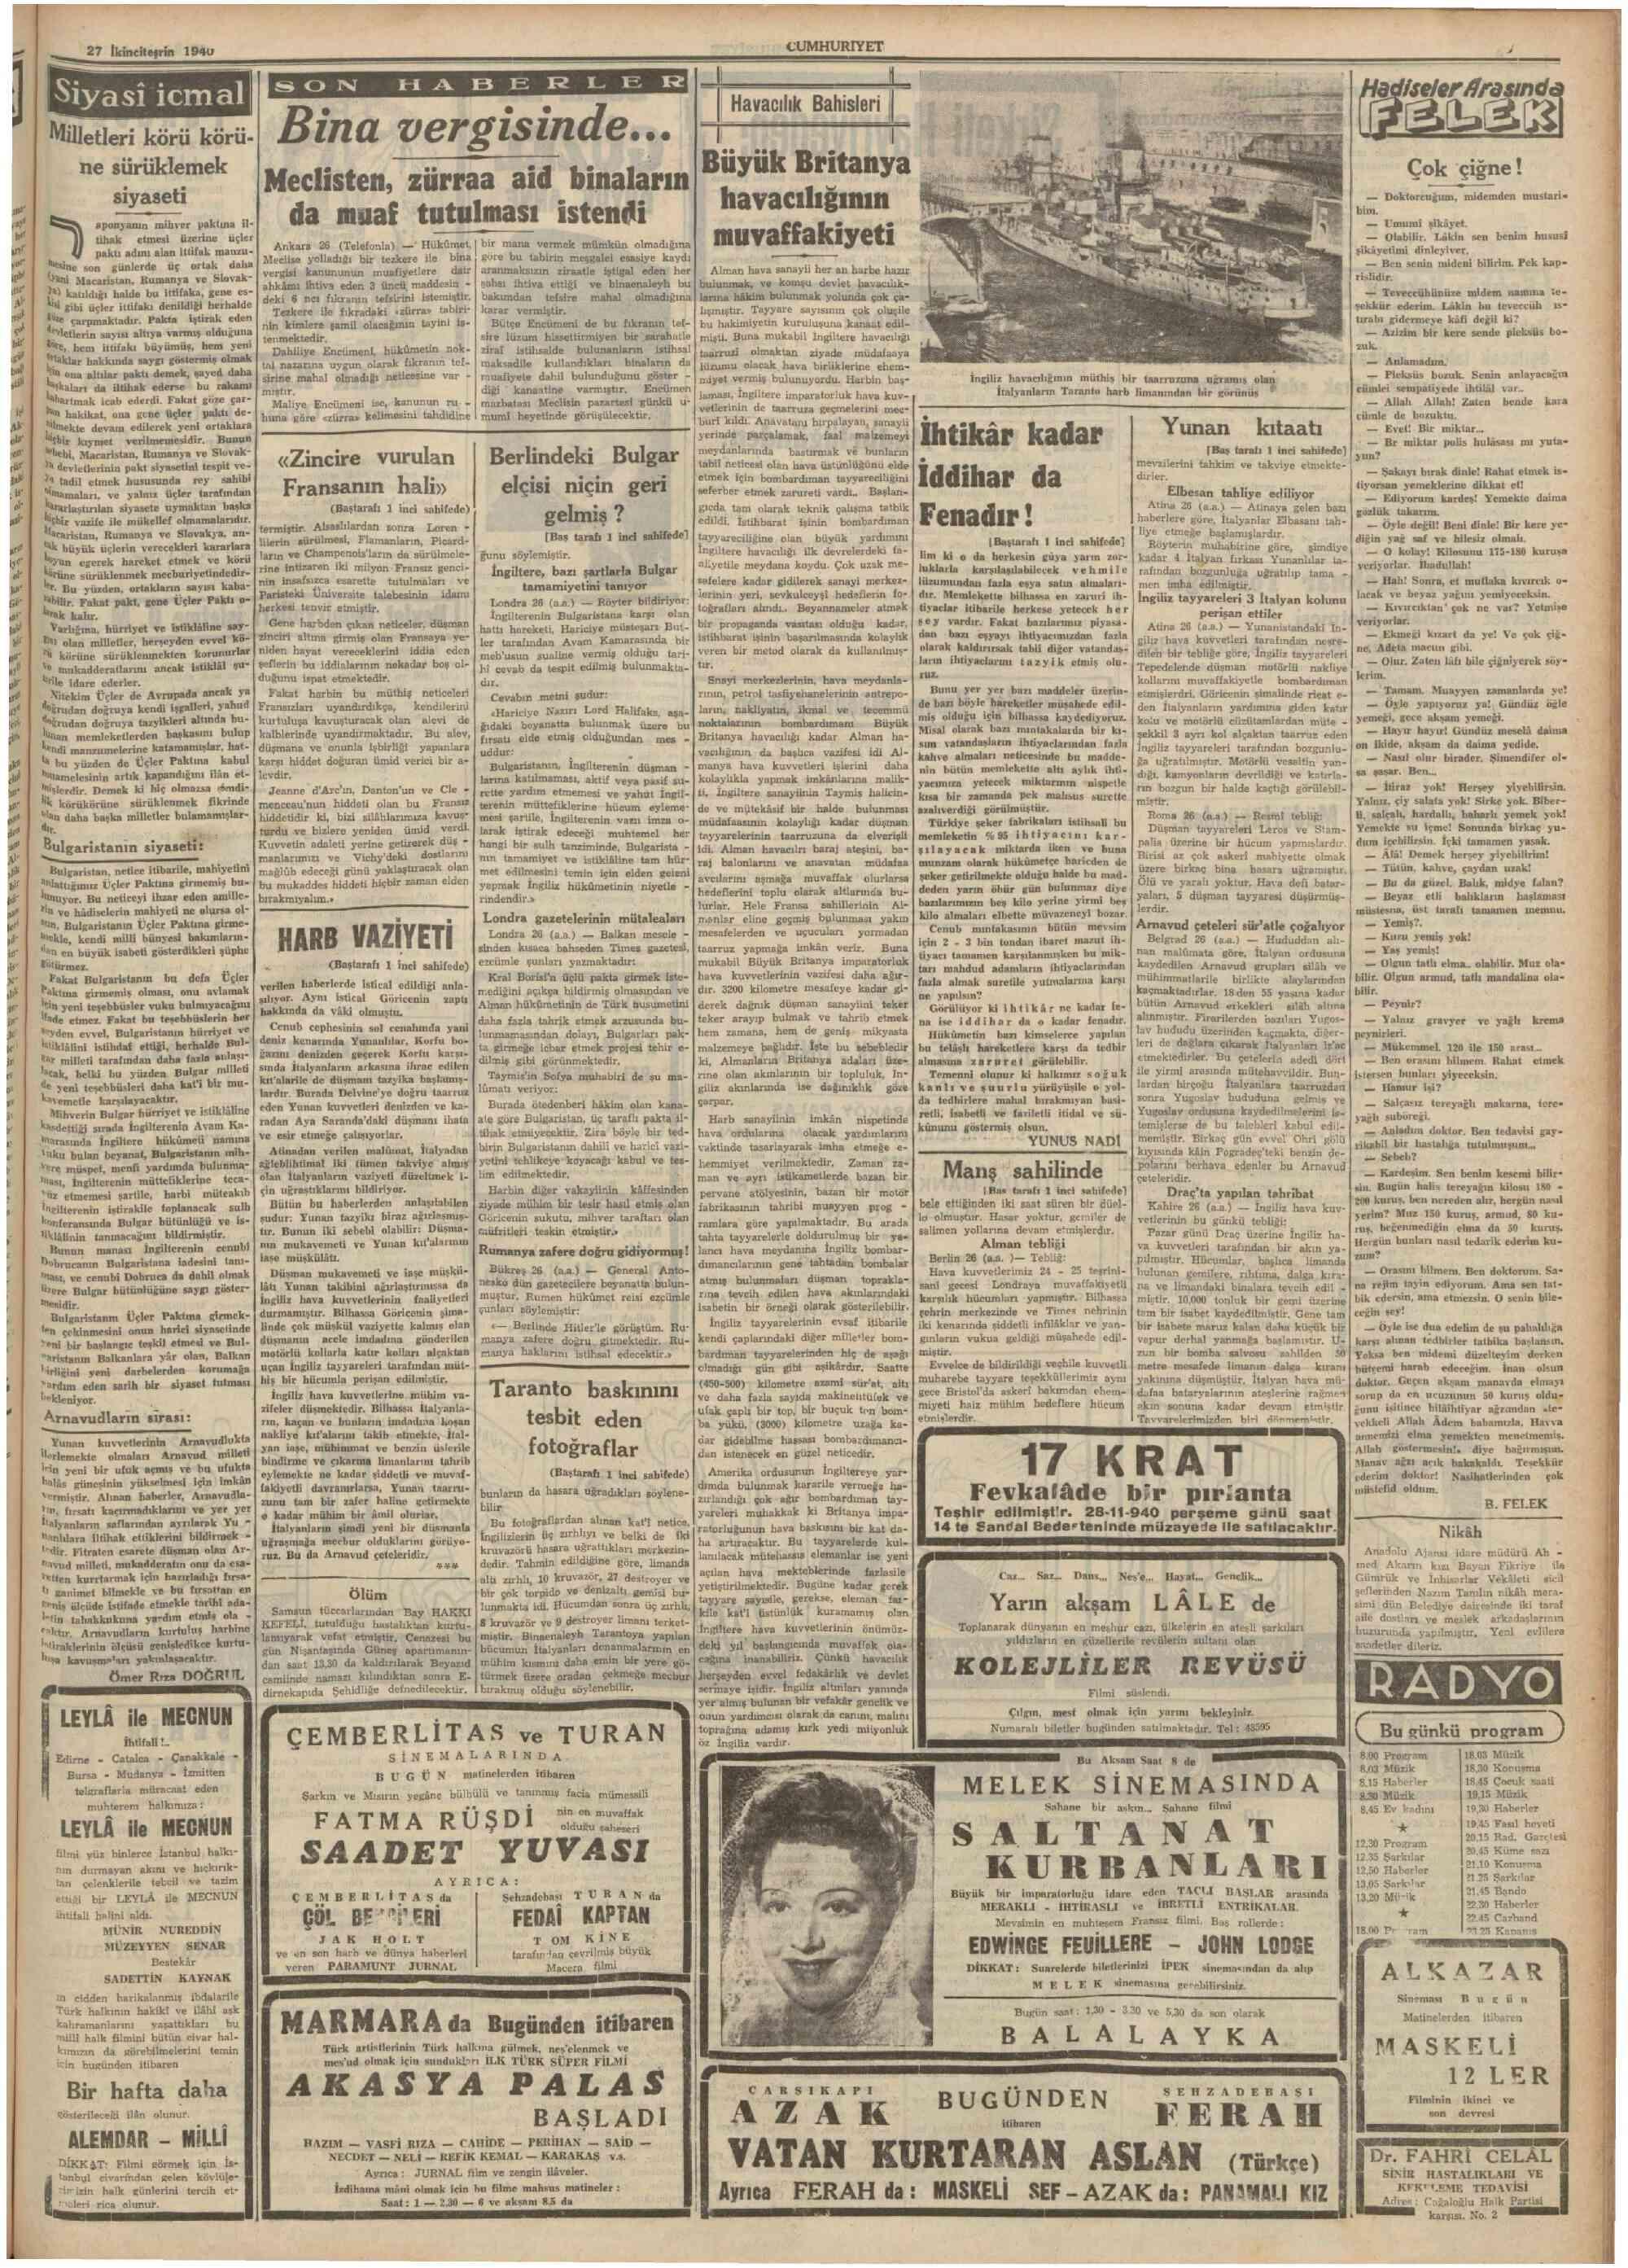 27 Kasım 1940 Tarihli Cumhuriyet Gazetesi Sayfa 13